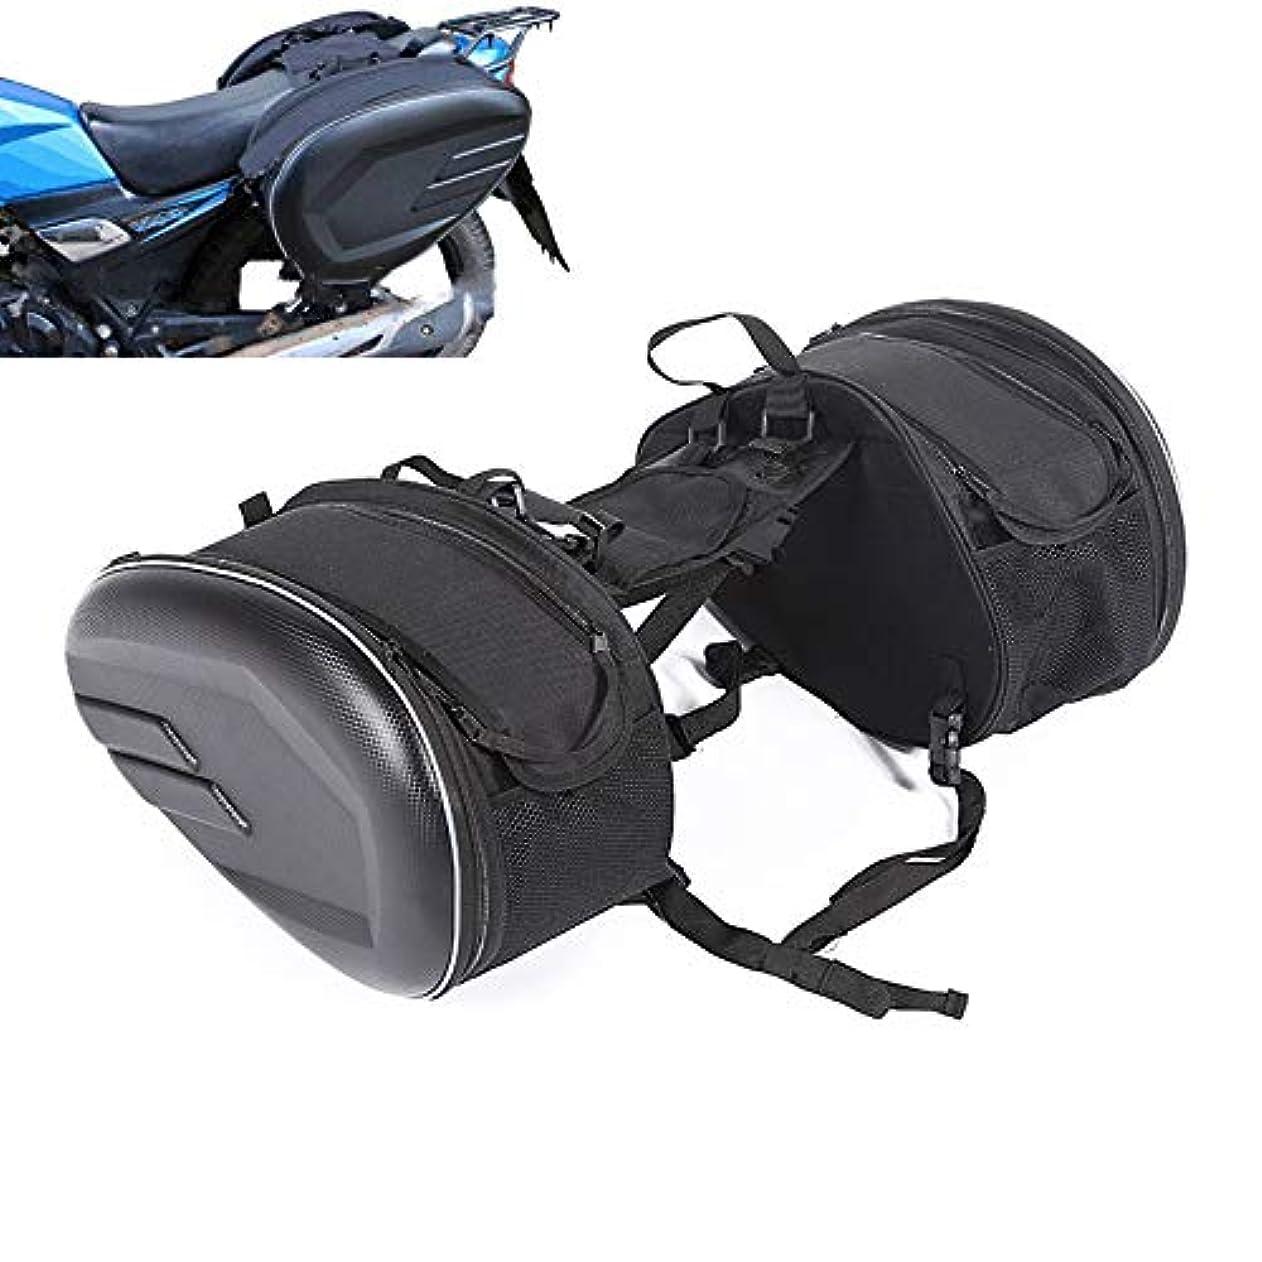 多用途エキスパート秀でるオートバイ防水テールバッグ モト ヘルメットトラベルバッグ レーシングスーツケースのサドルバッグにはレインコートが1組含まれています